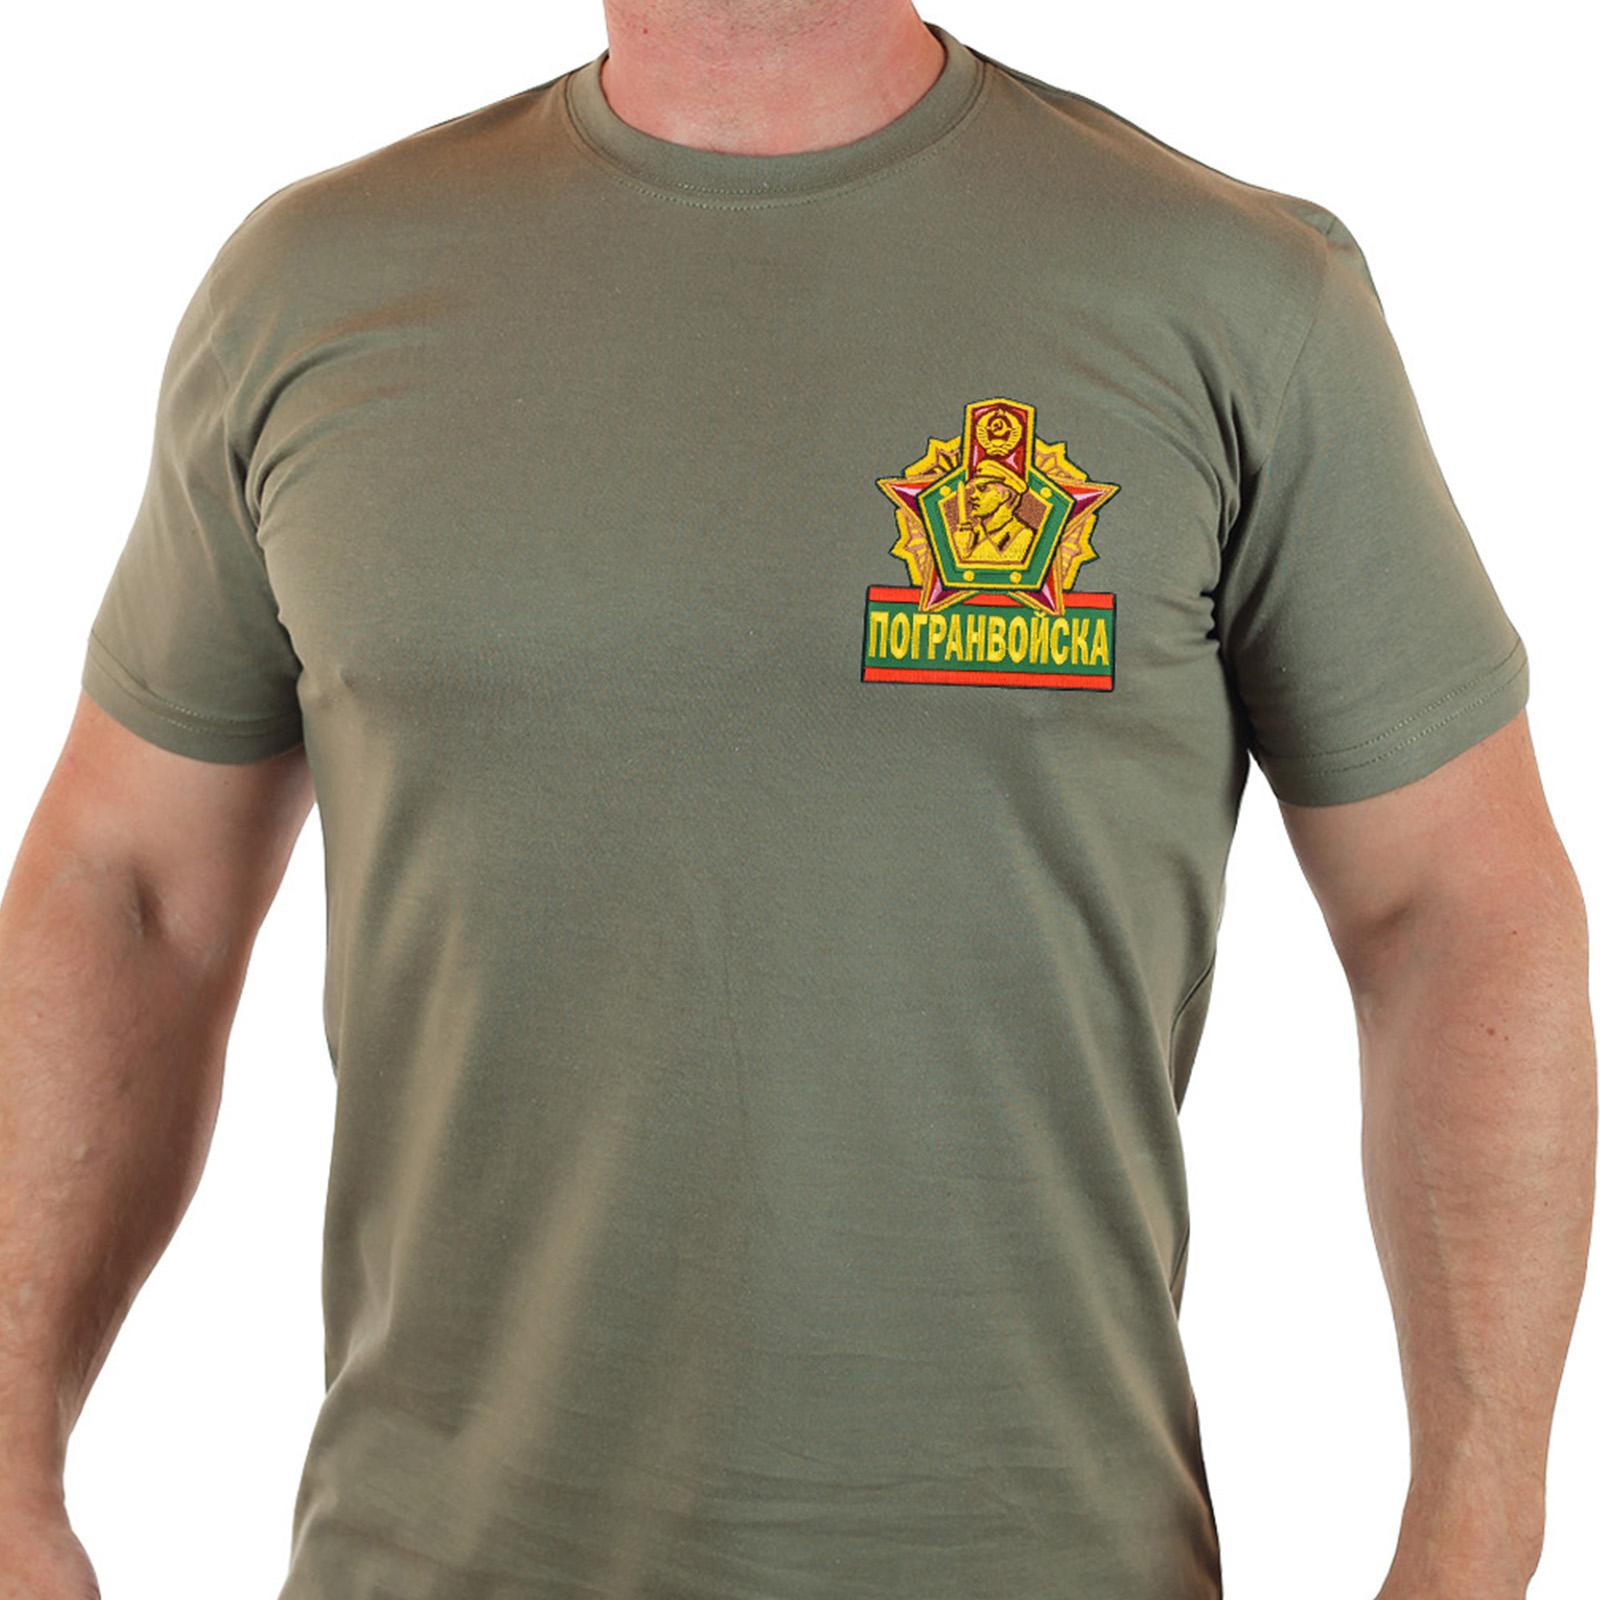 Мужская пограничная футболка хаки-олива